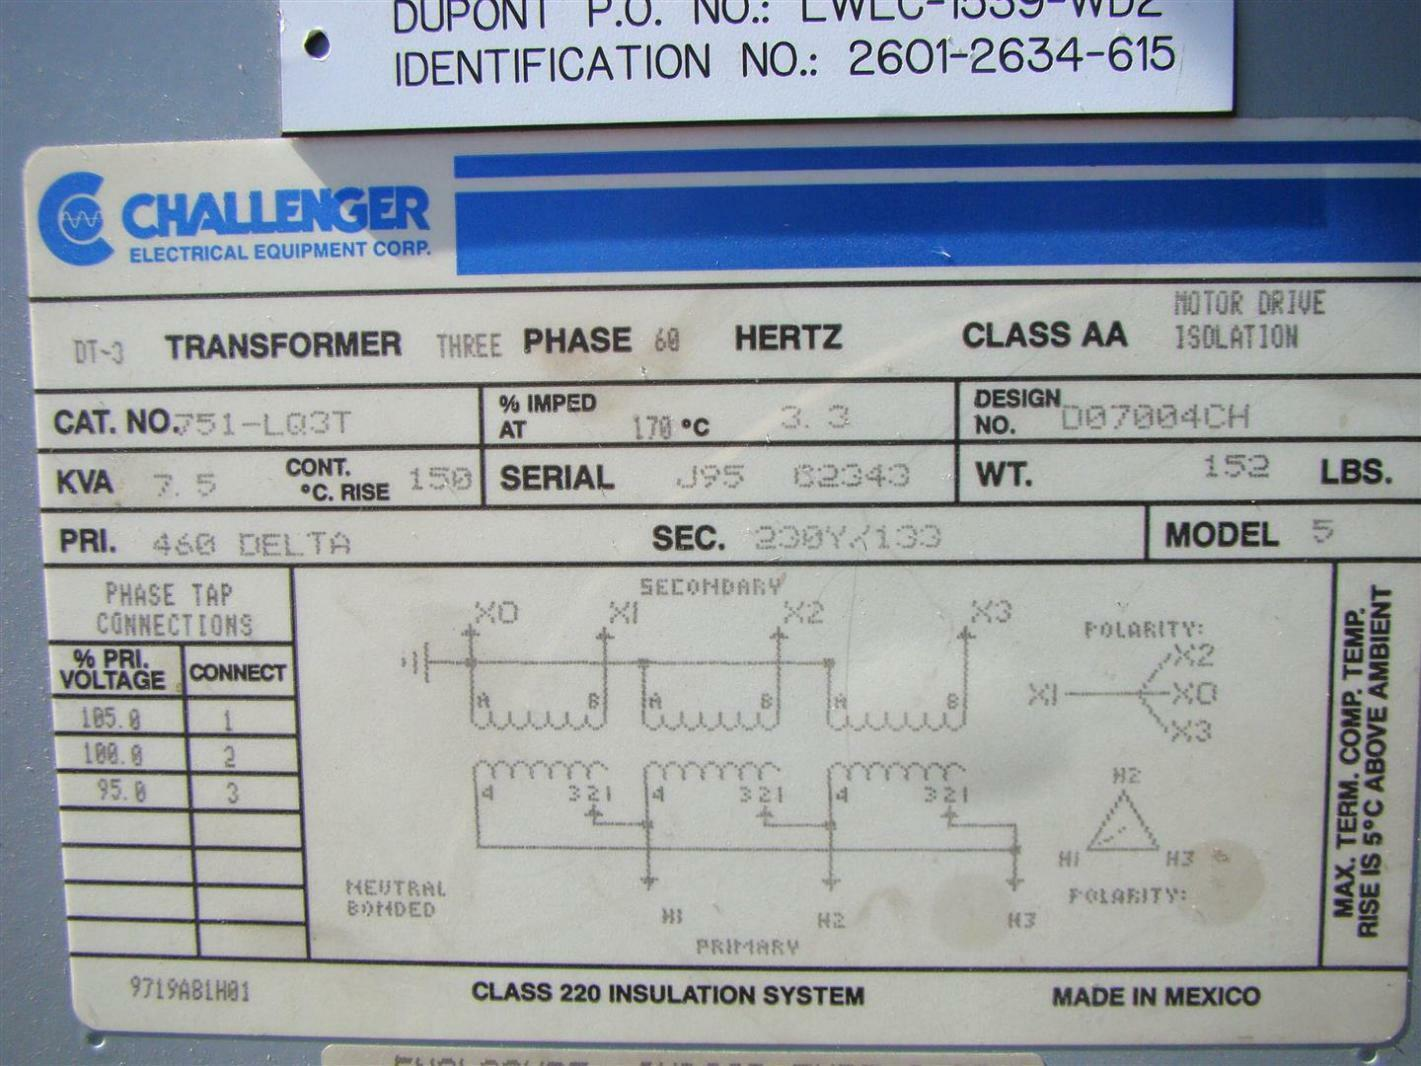 Challenger 7 5kva DT-3 phase Transformer 460x230v 60Hz | 751-LQ3T